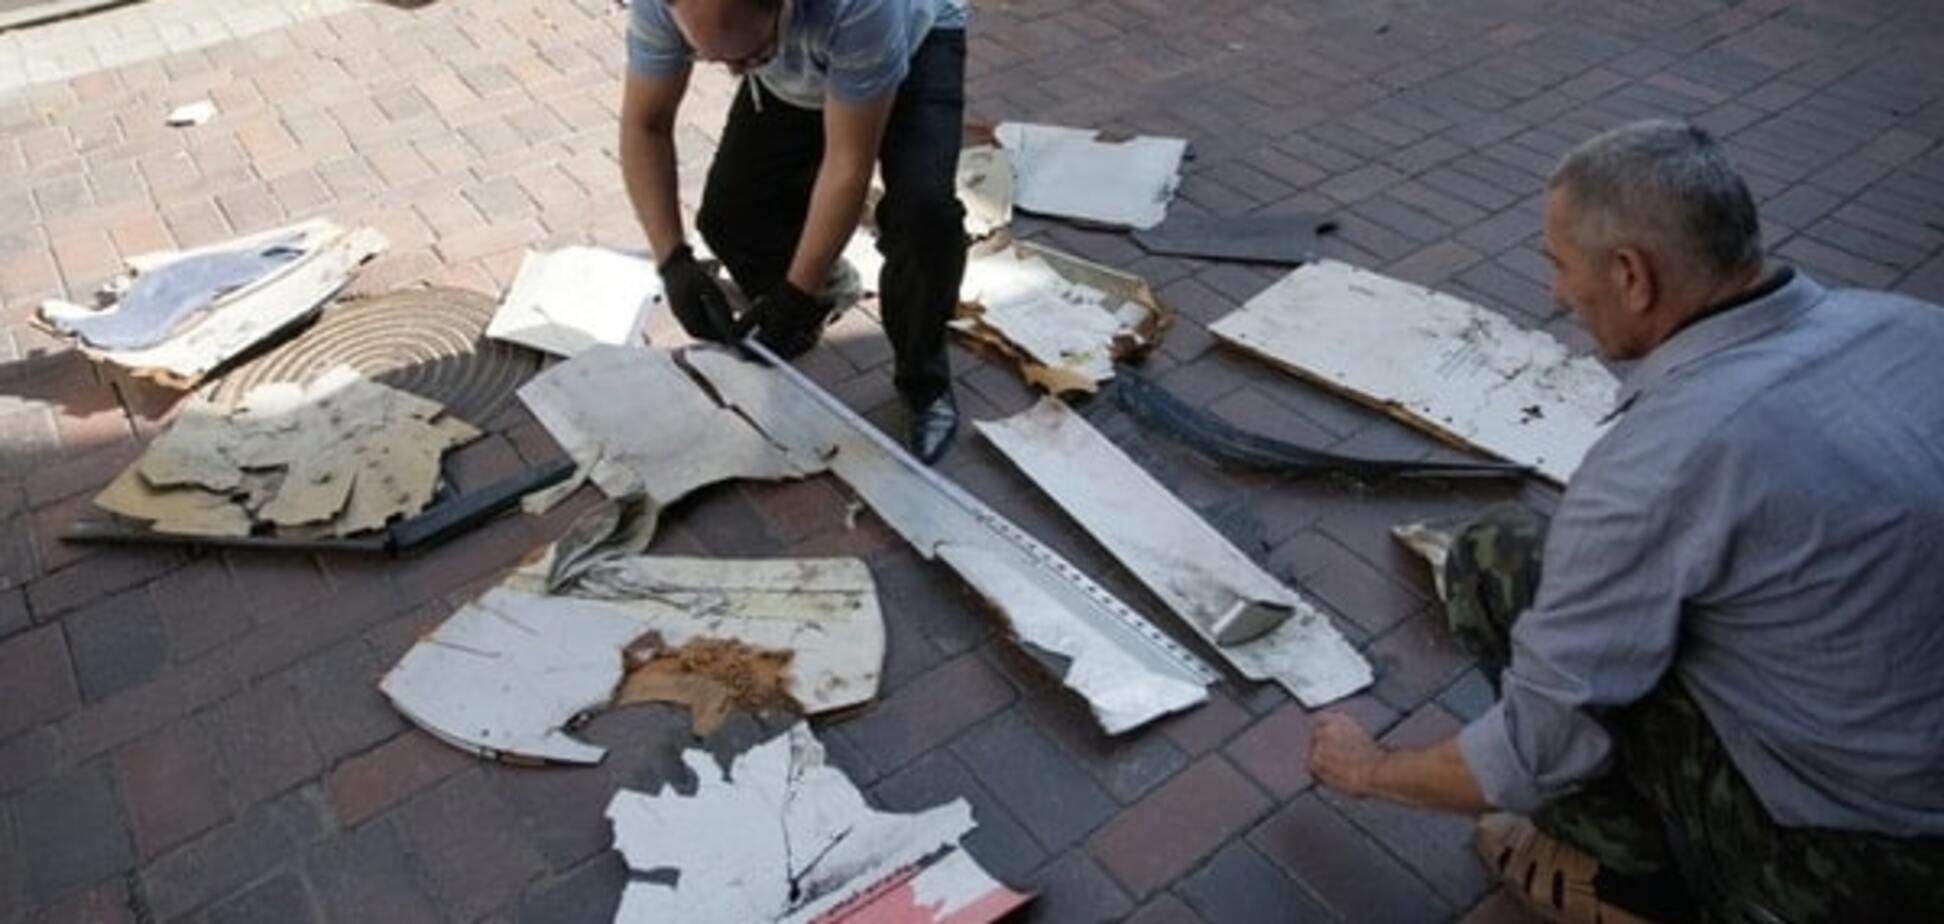 Мінус Росії: Нідерланди знайшли осколки 'Бука' в тілах жертв МН17